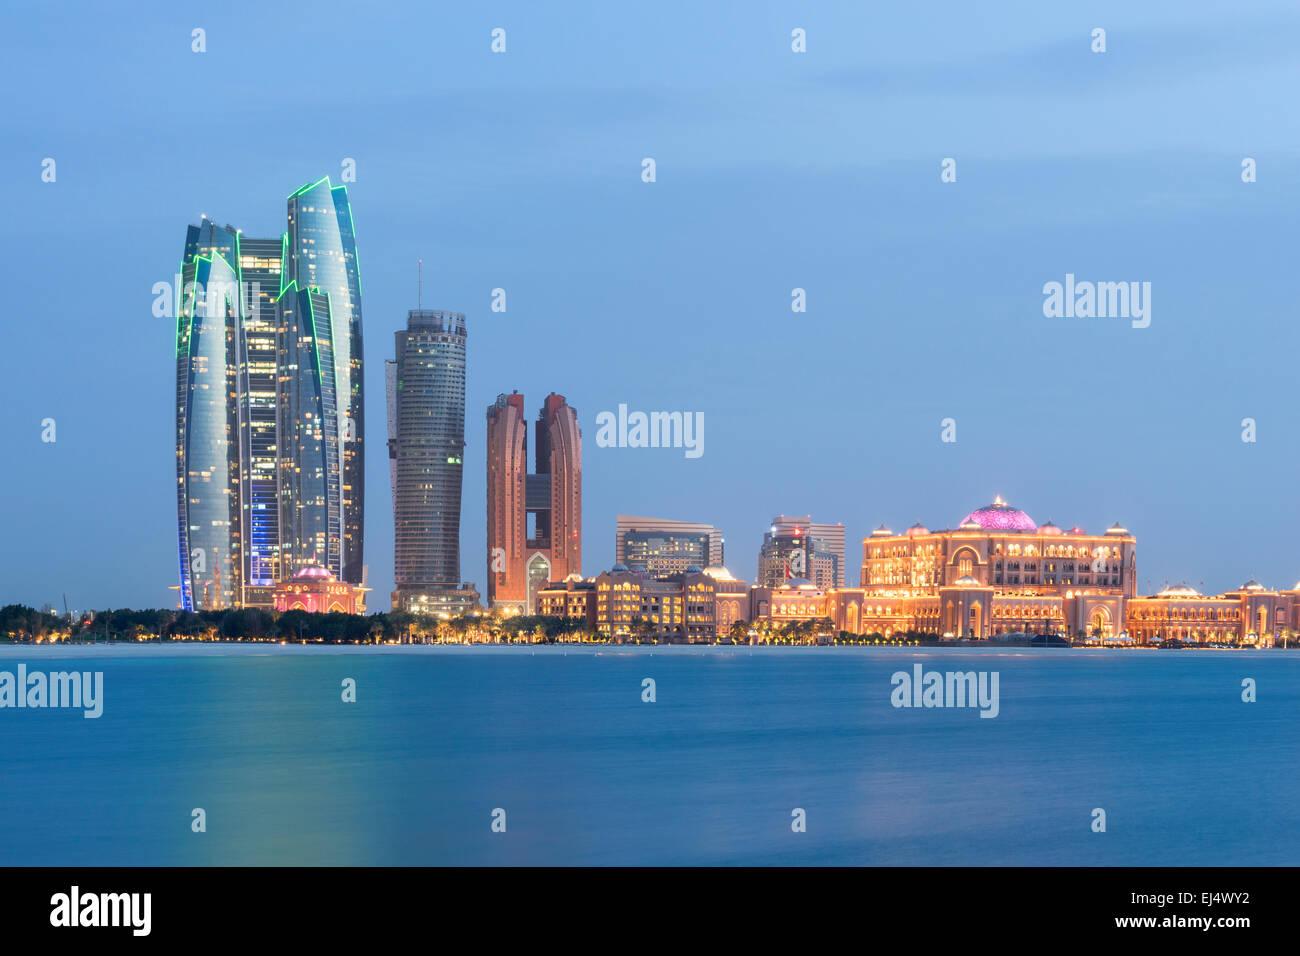 Abend-Skyline-Blick von Abu Dhabi, Vereinigte Arabische Emirate Stockbild